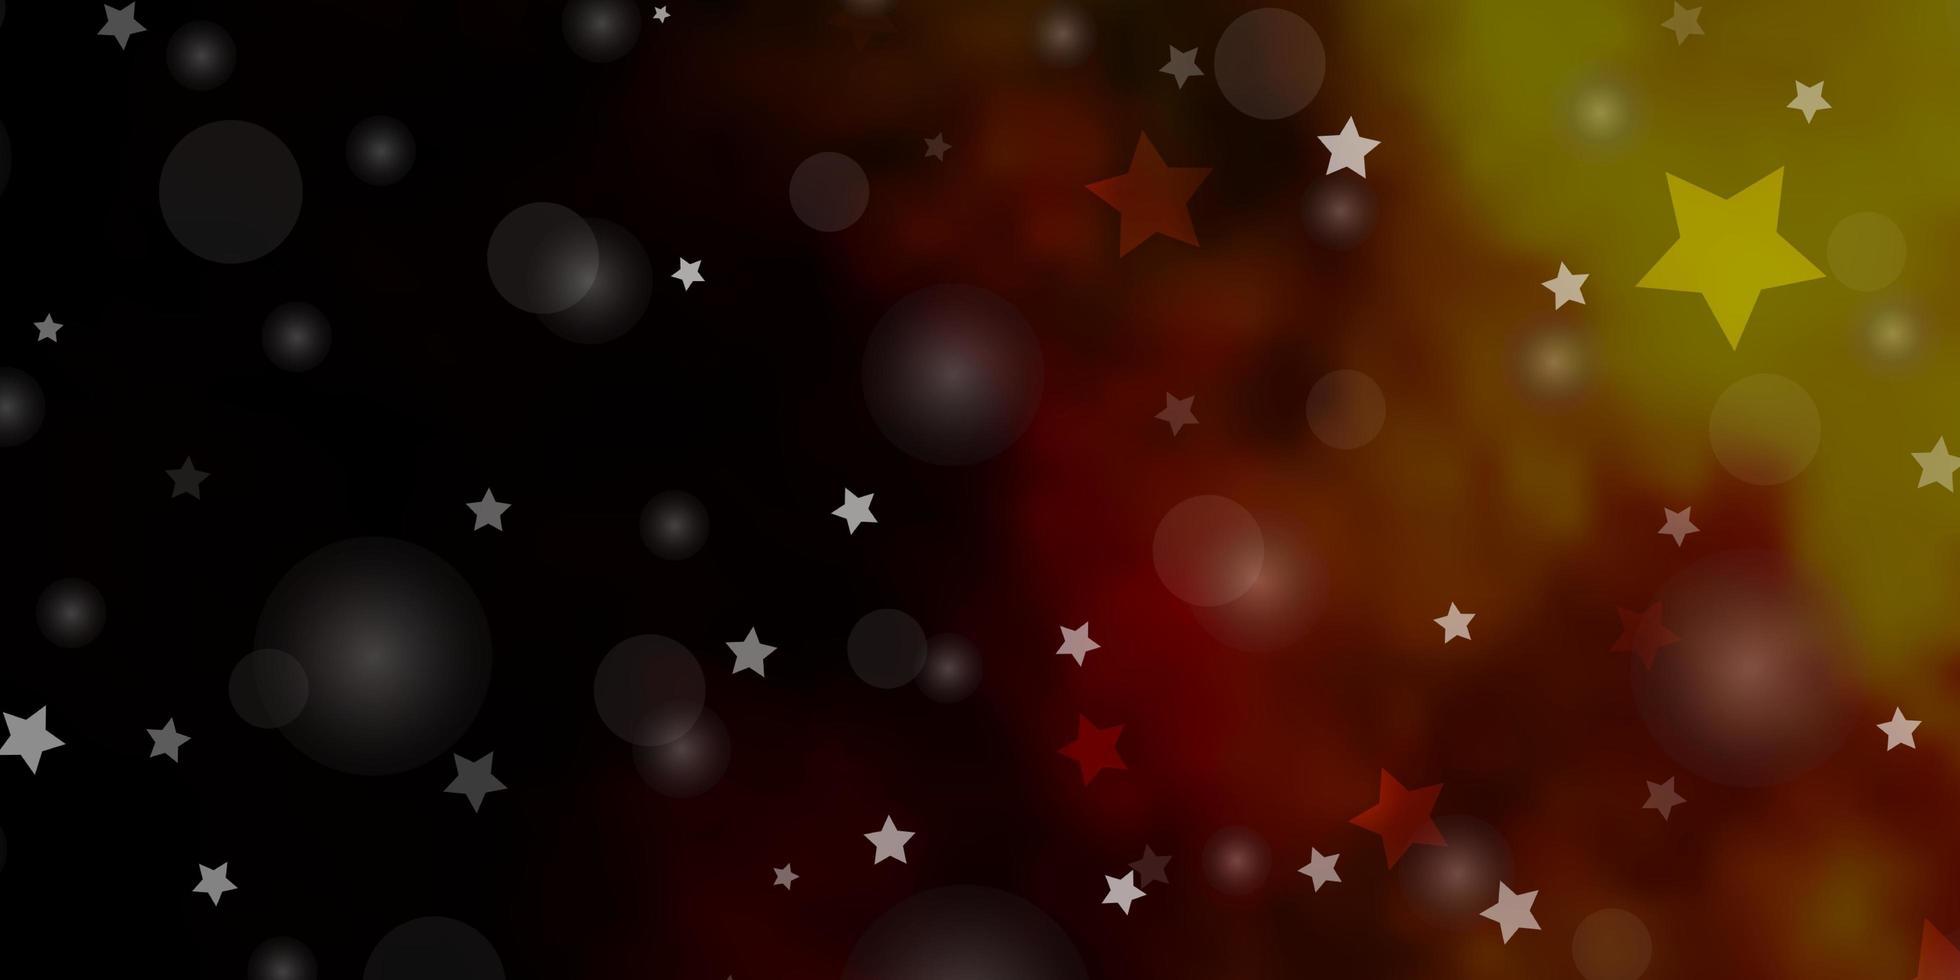 dunkelrote, gelbe Vektorschablone mit Kreisen, Sternen. vektor